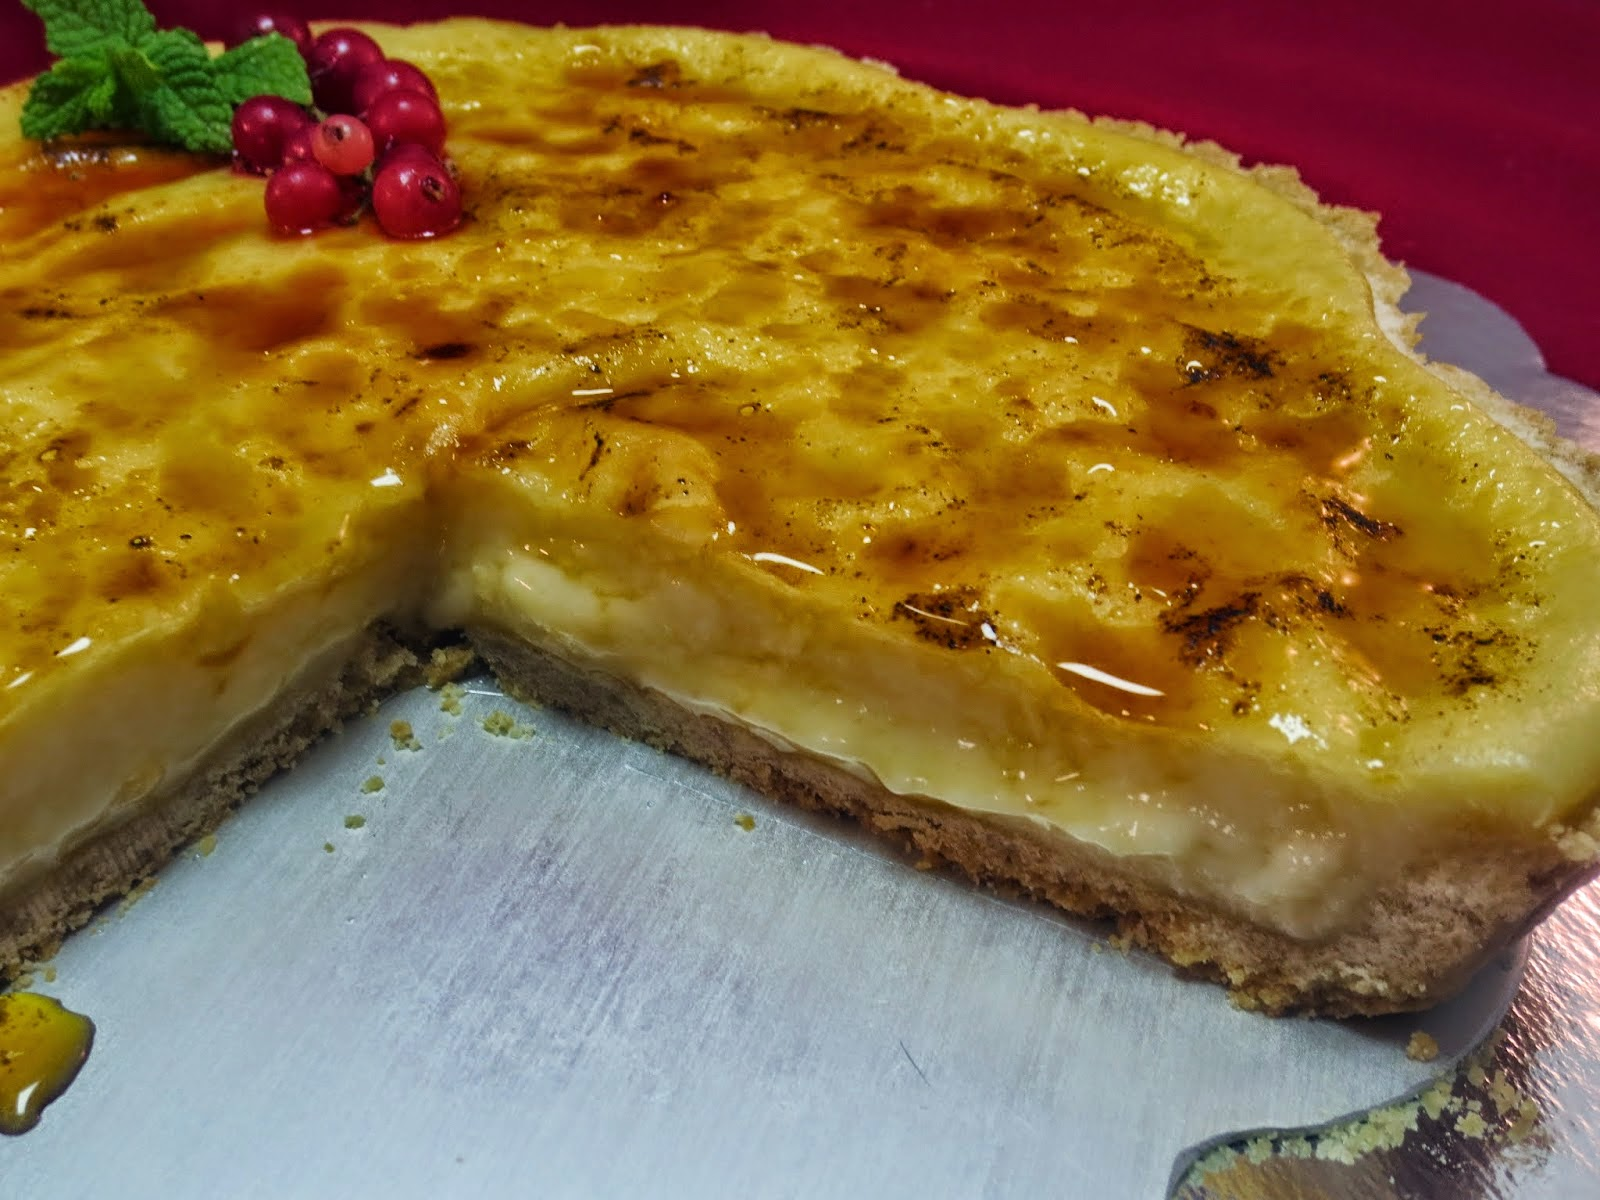 Tarta de crema de limón Ana Sevilla cocina tradicional